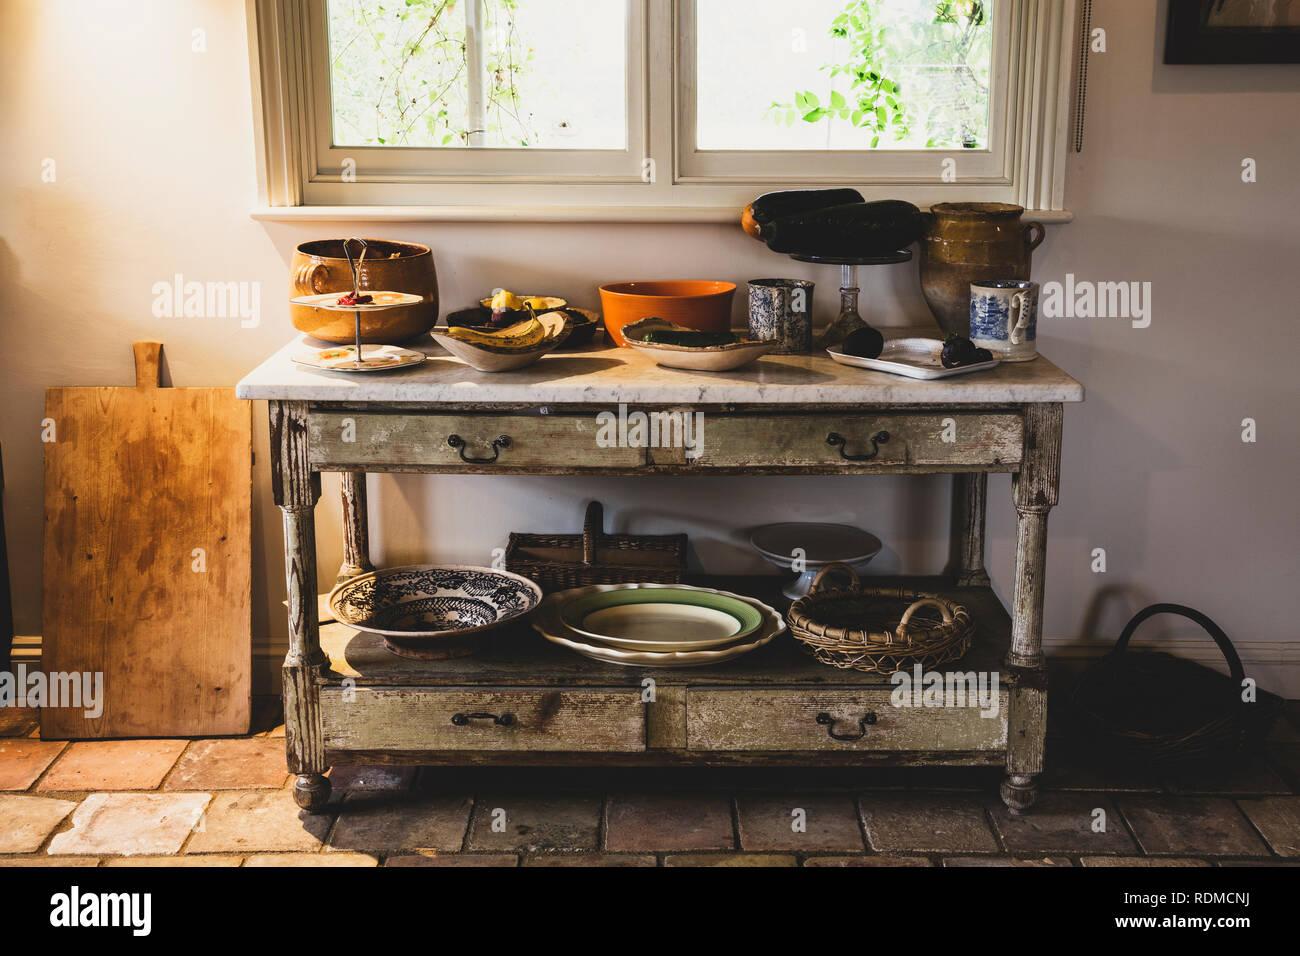 Credenza Con Tagliere : Selezione di terraglia ciotole e piatti sulla corte antica credenza